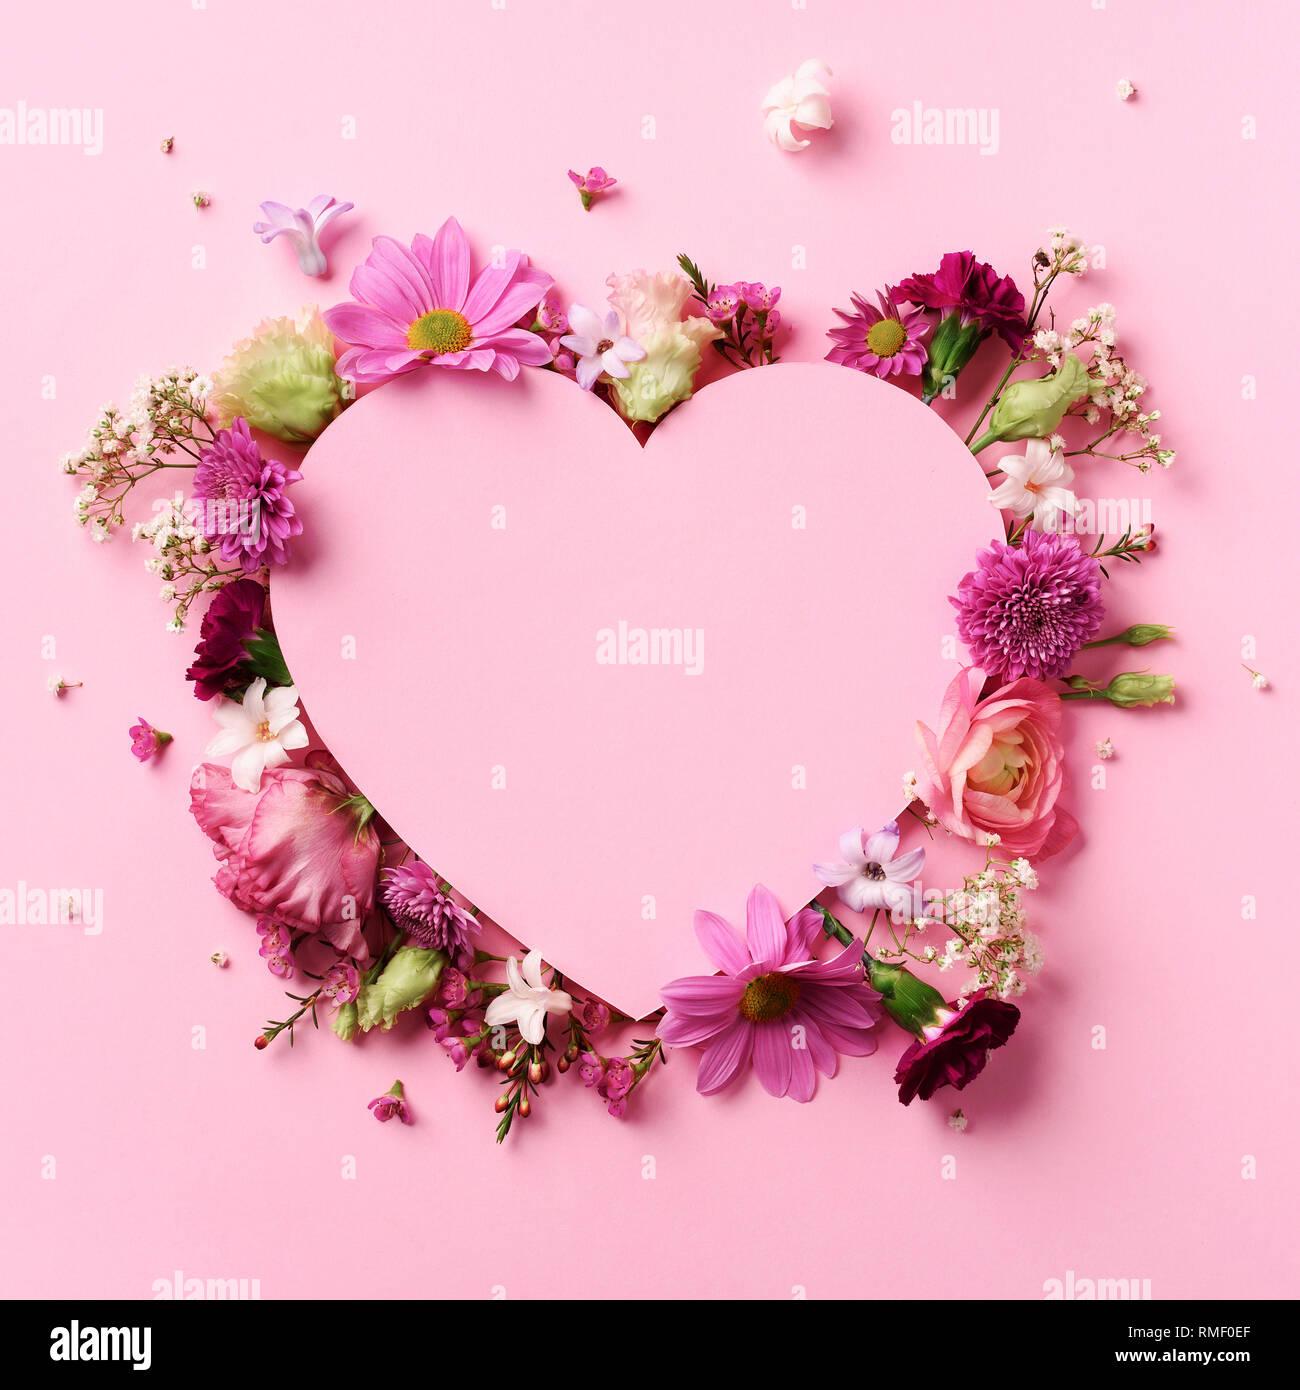 Sehr Kreative Gestaltung mit rosa Blumen, Herz aus Papier über NI16